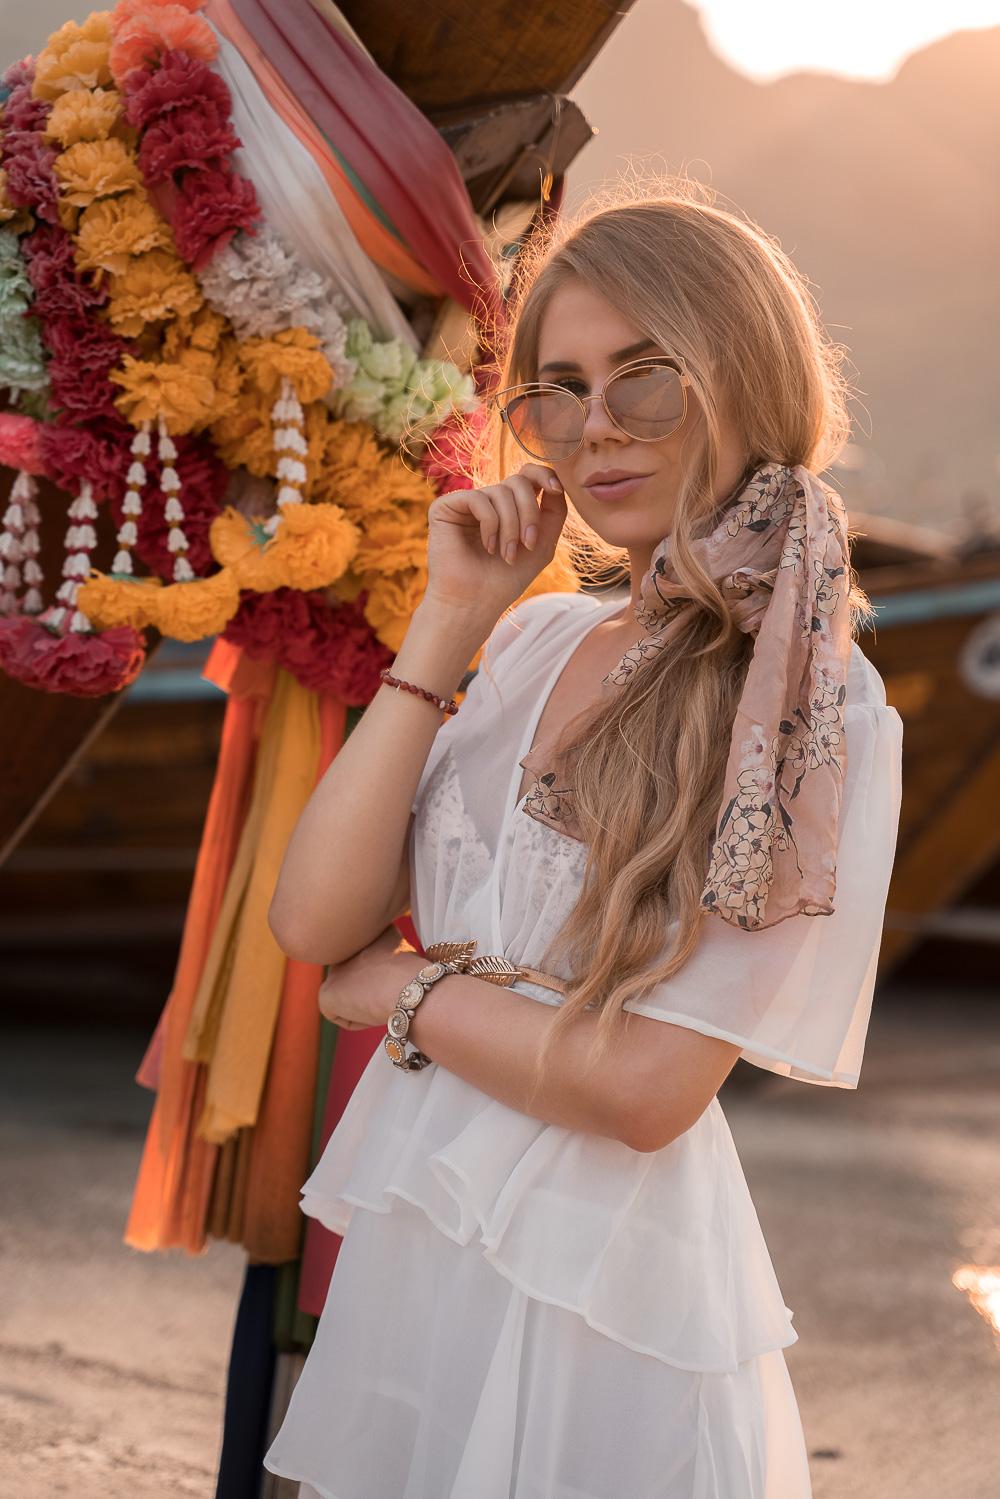 Weißes Sommerkleid-Haarband-Sonnenbrille